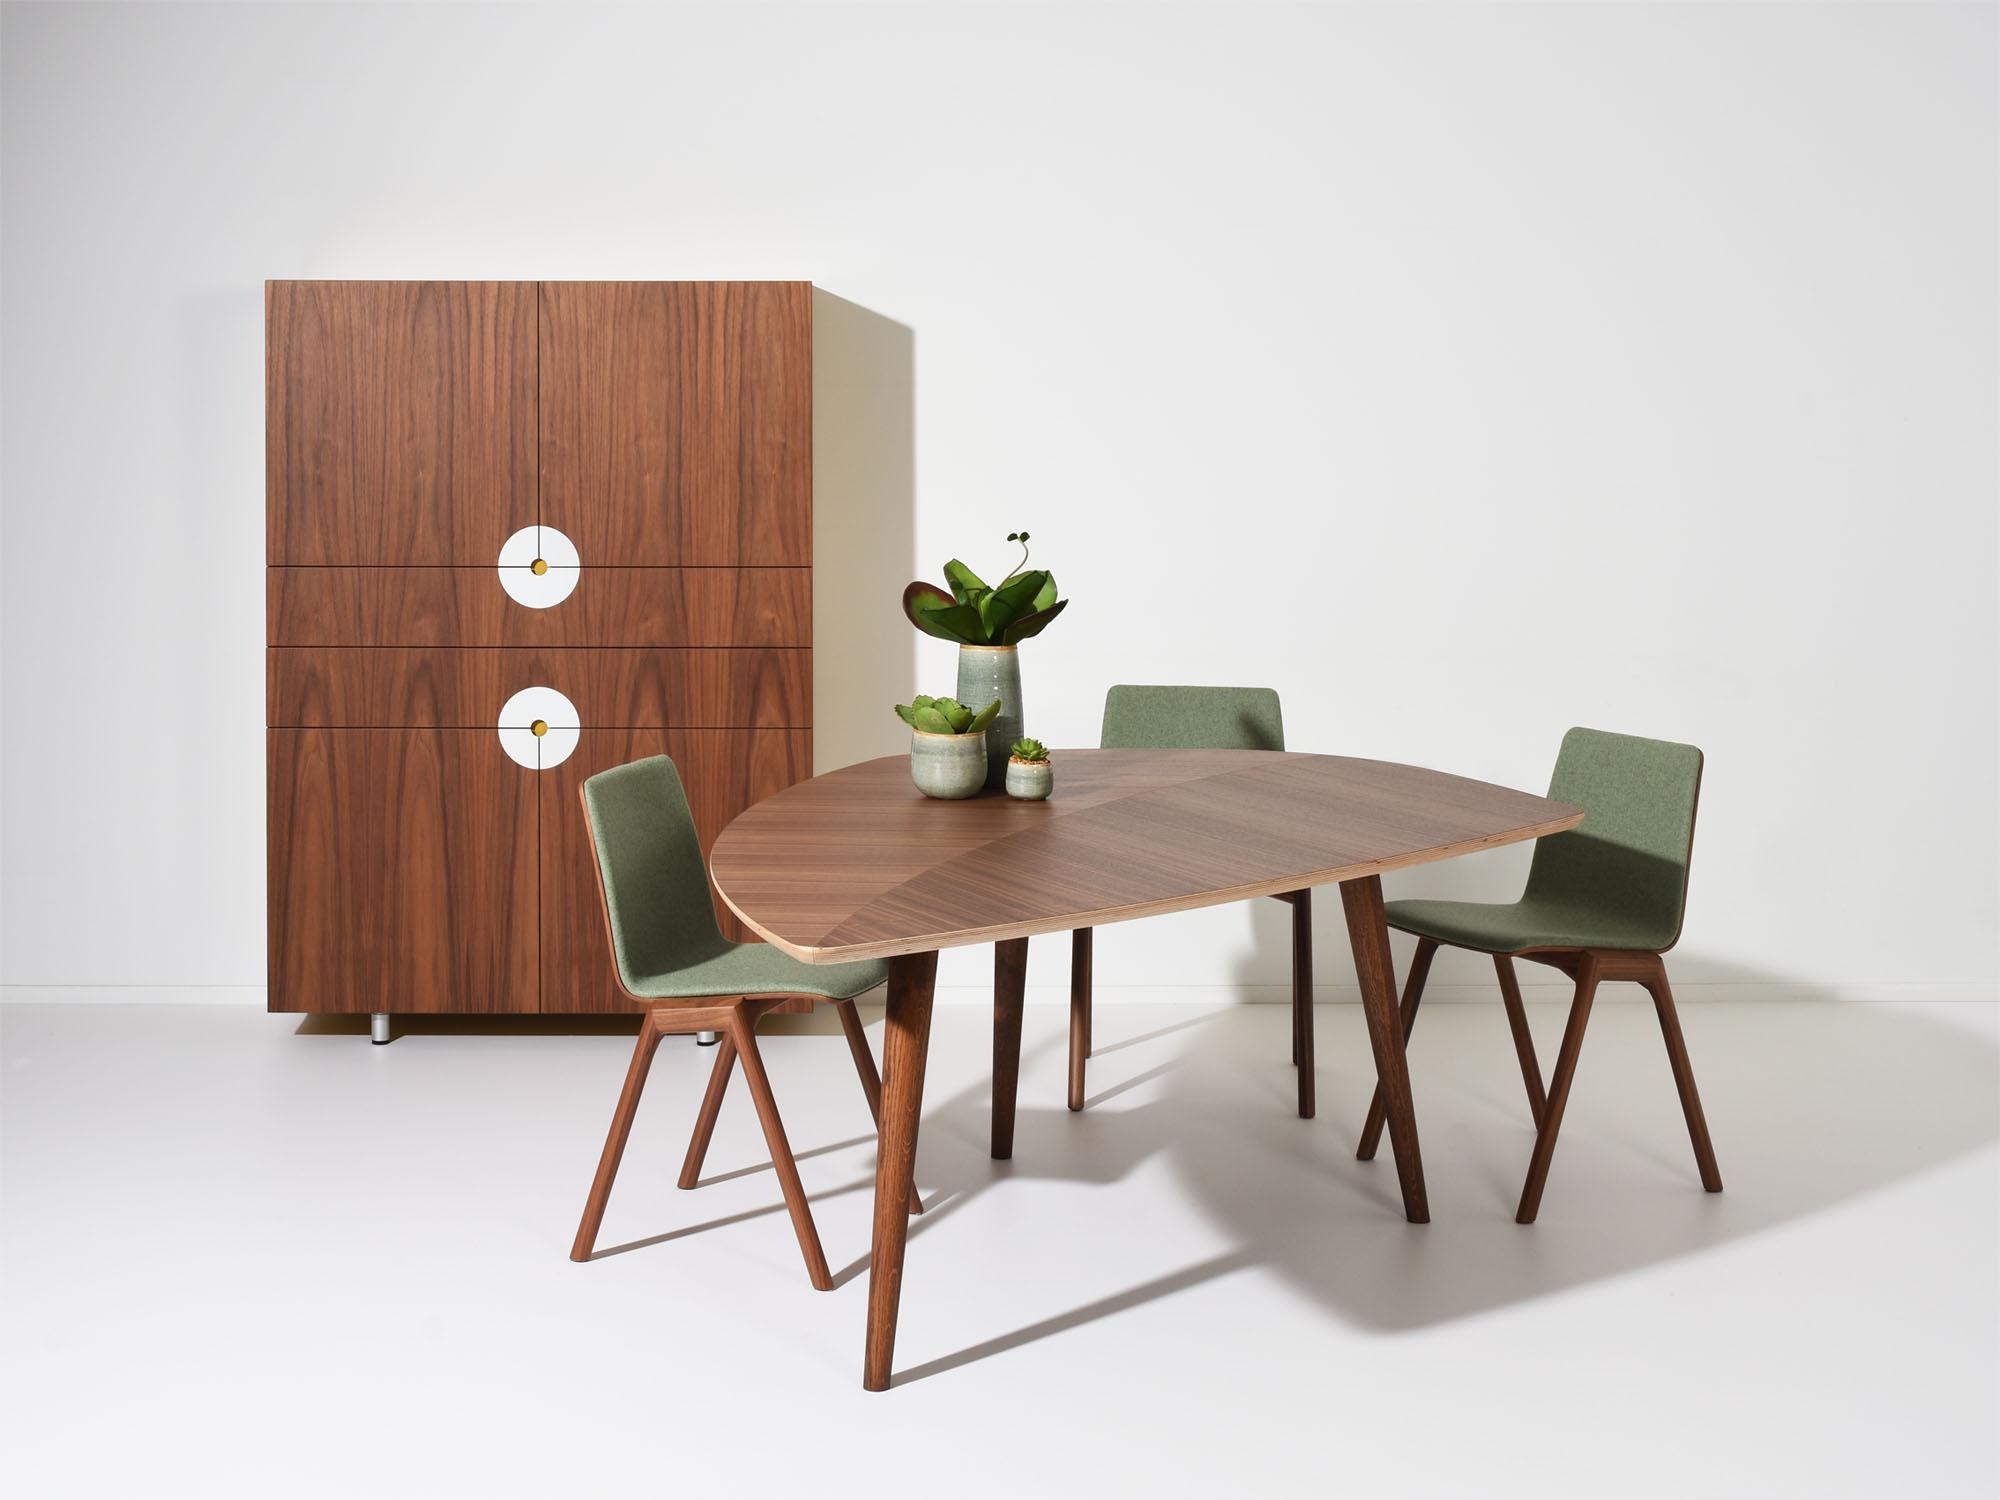 RP-tafel en DISK-AA kast, ontwerp door Coen Castelijn en Dick Spierenburg